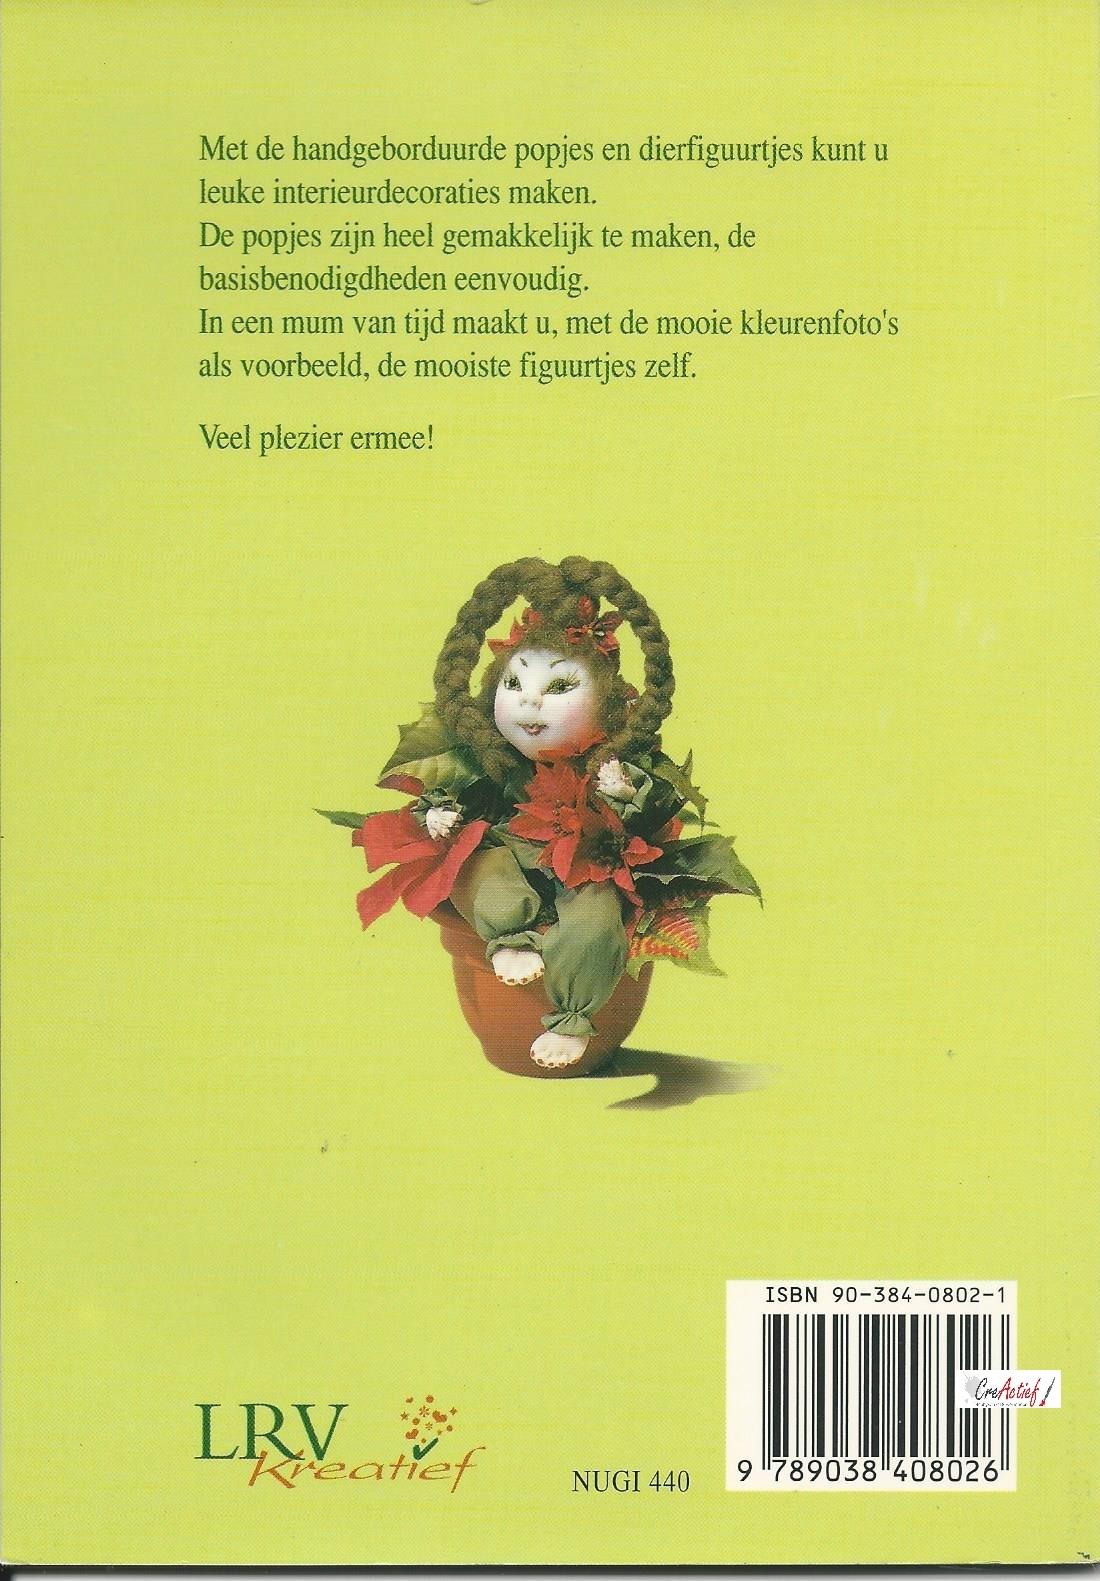 LRVKreatief Hobby: Natuurpopjes, Joke van den Bosch